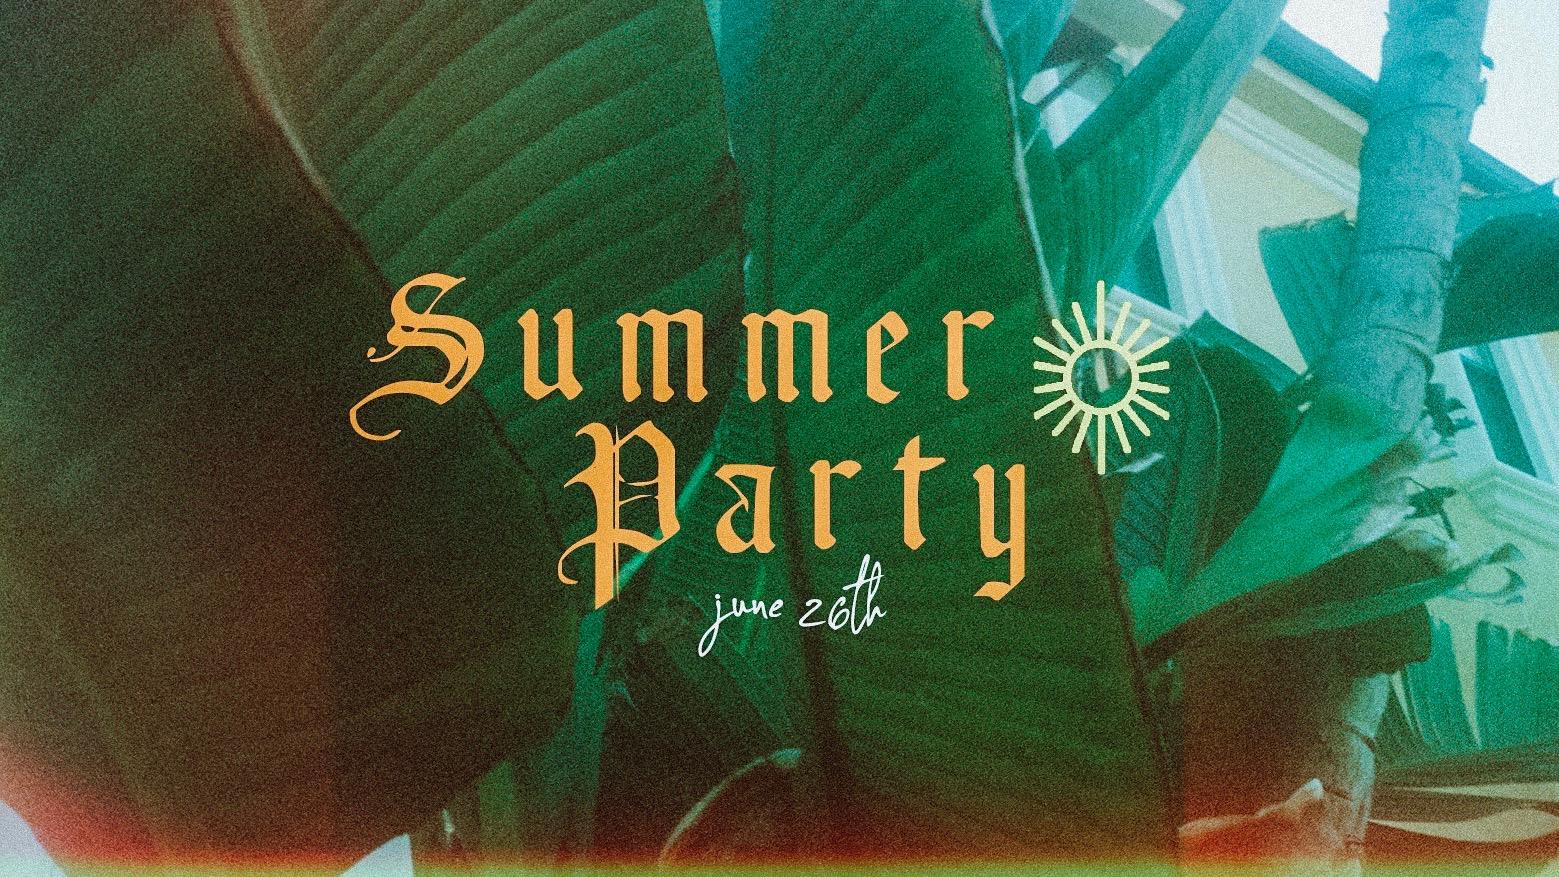 SummerParty02.jpg